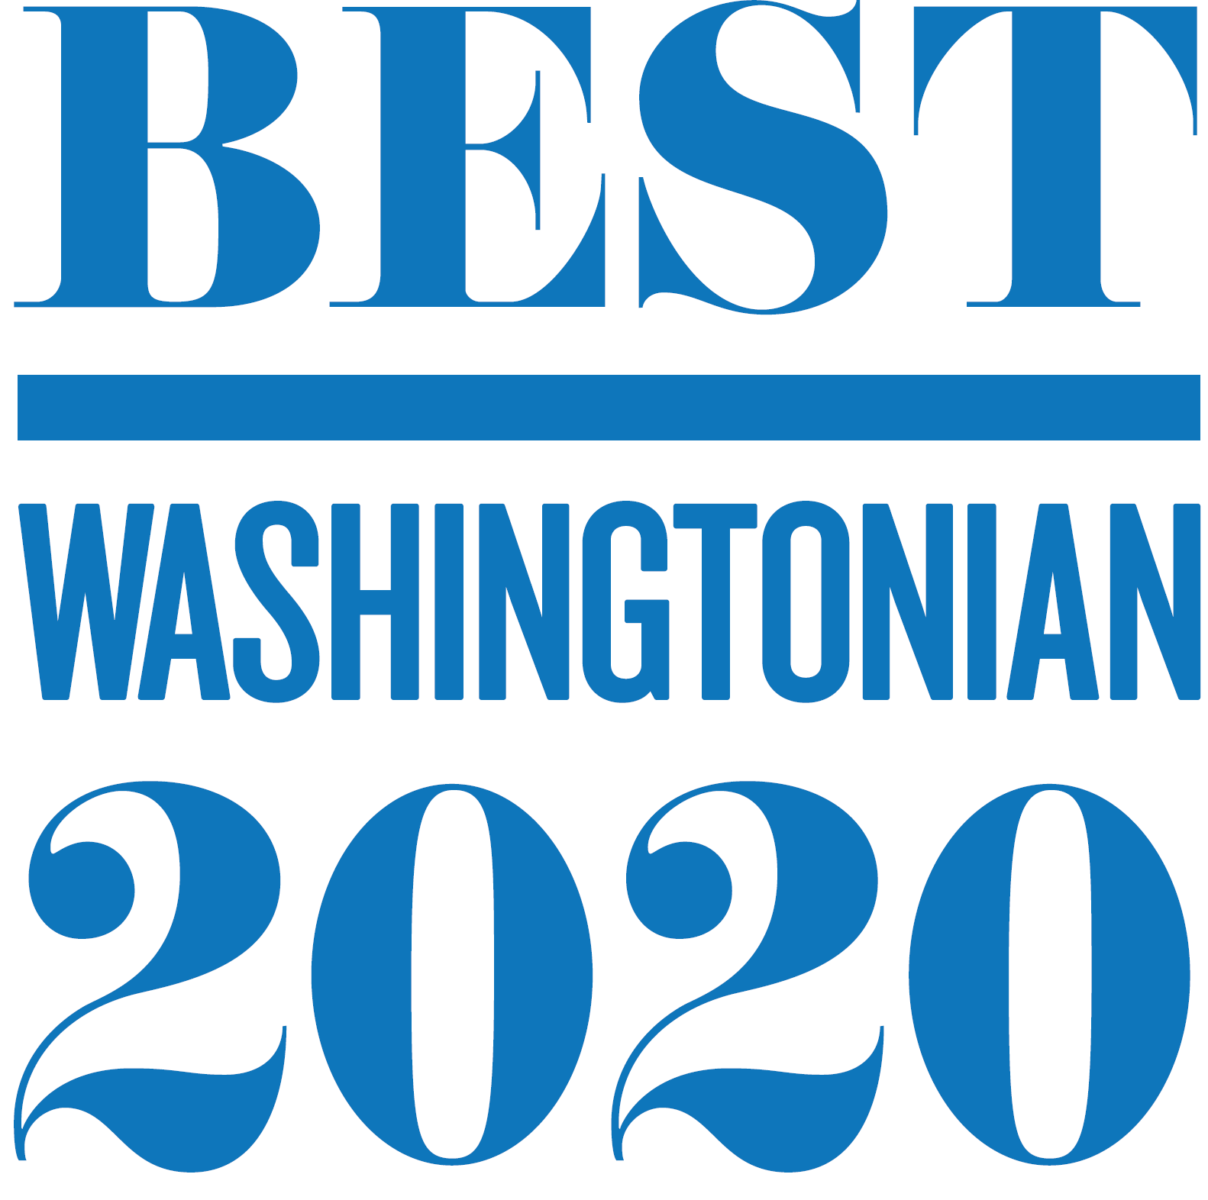 Krown Homes Washingtonian's Best 2020